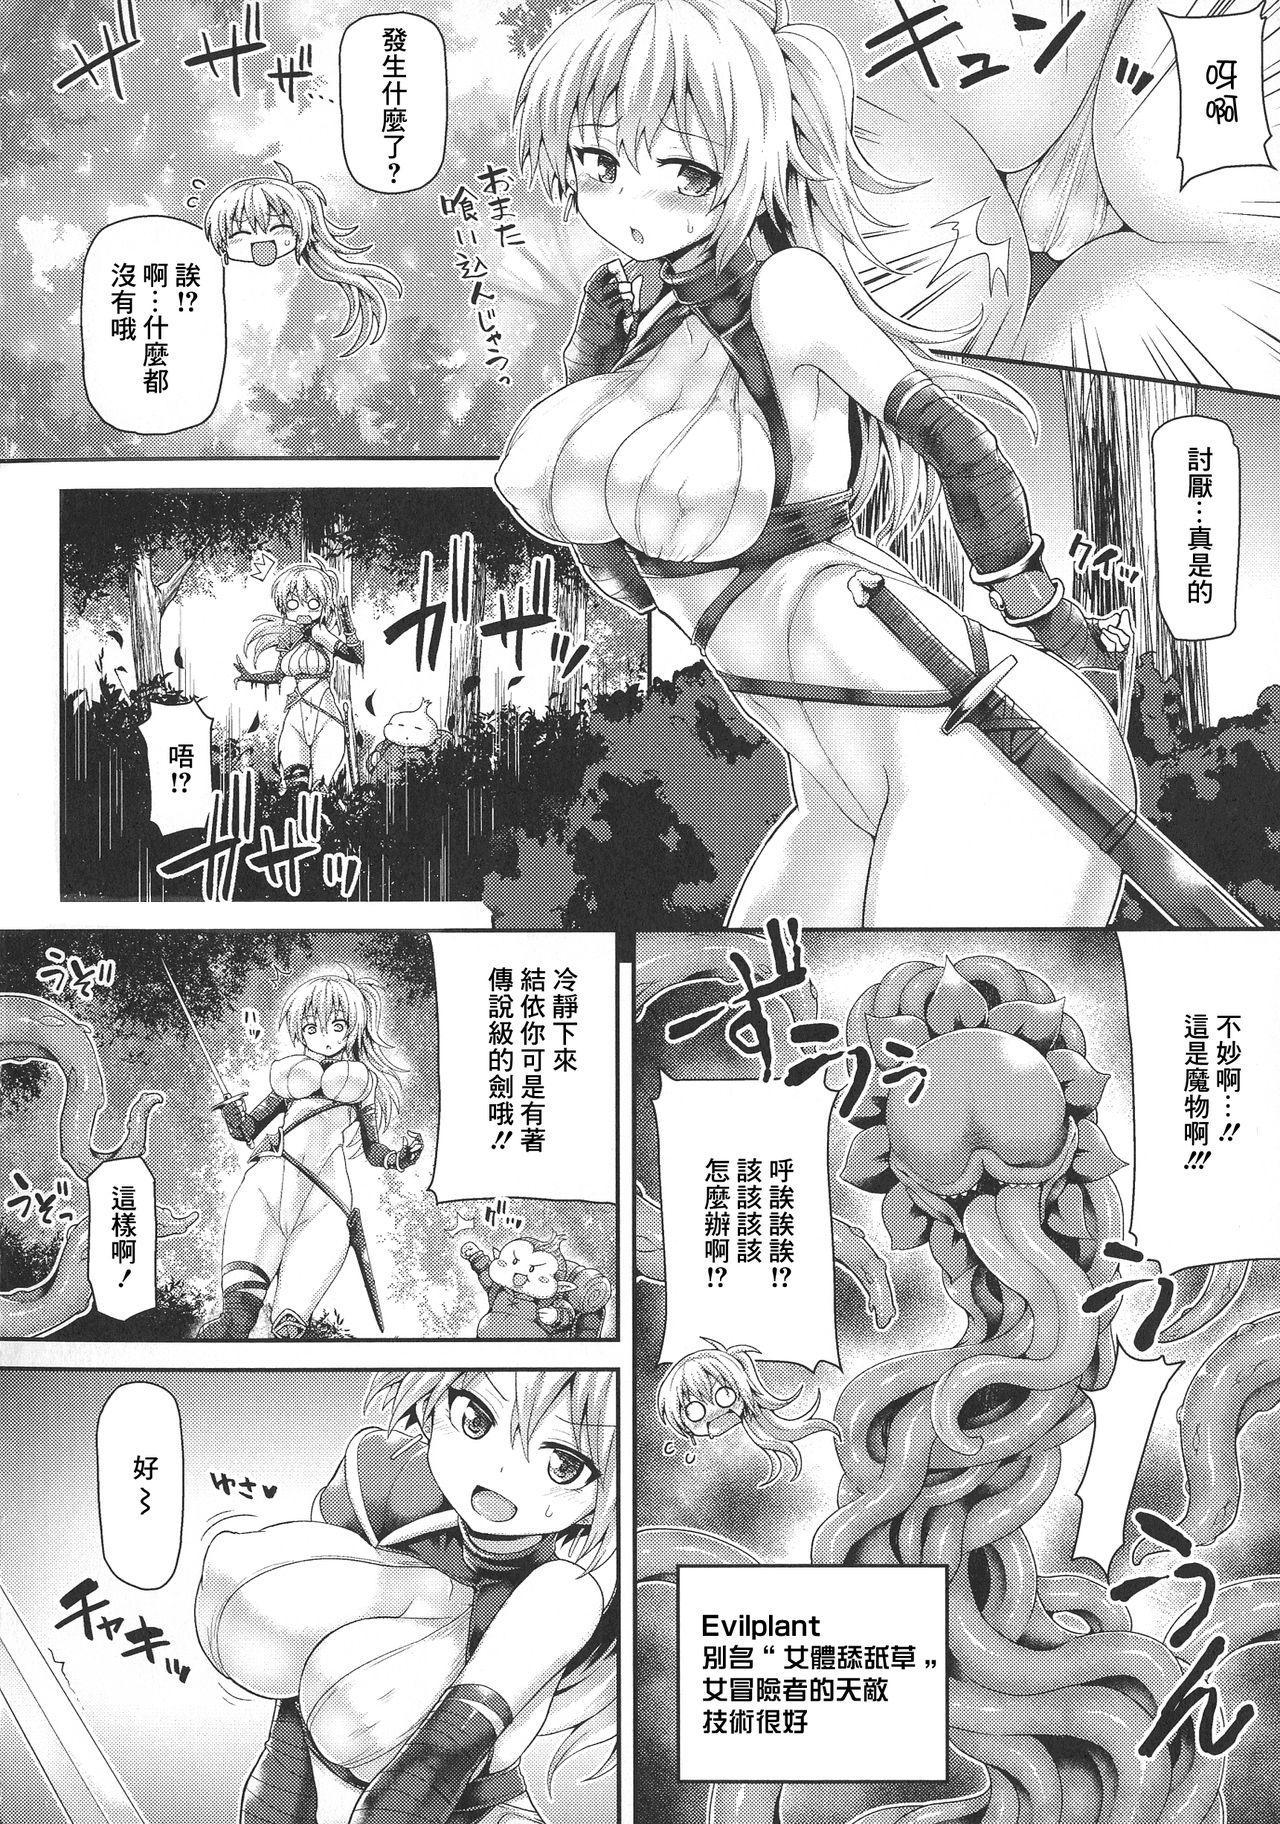 Futanari Gal Brave - Tsuiteru Gal Yuusha Isekai no ji ni Botsu 10